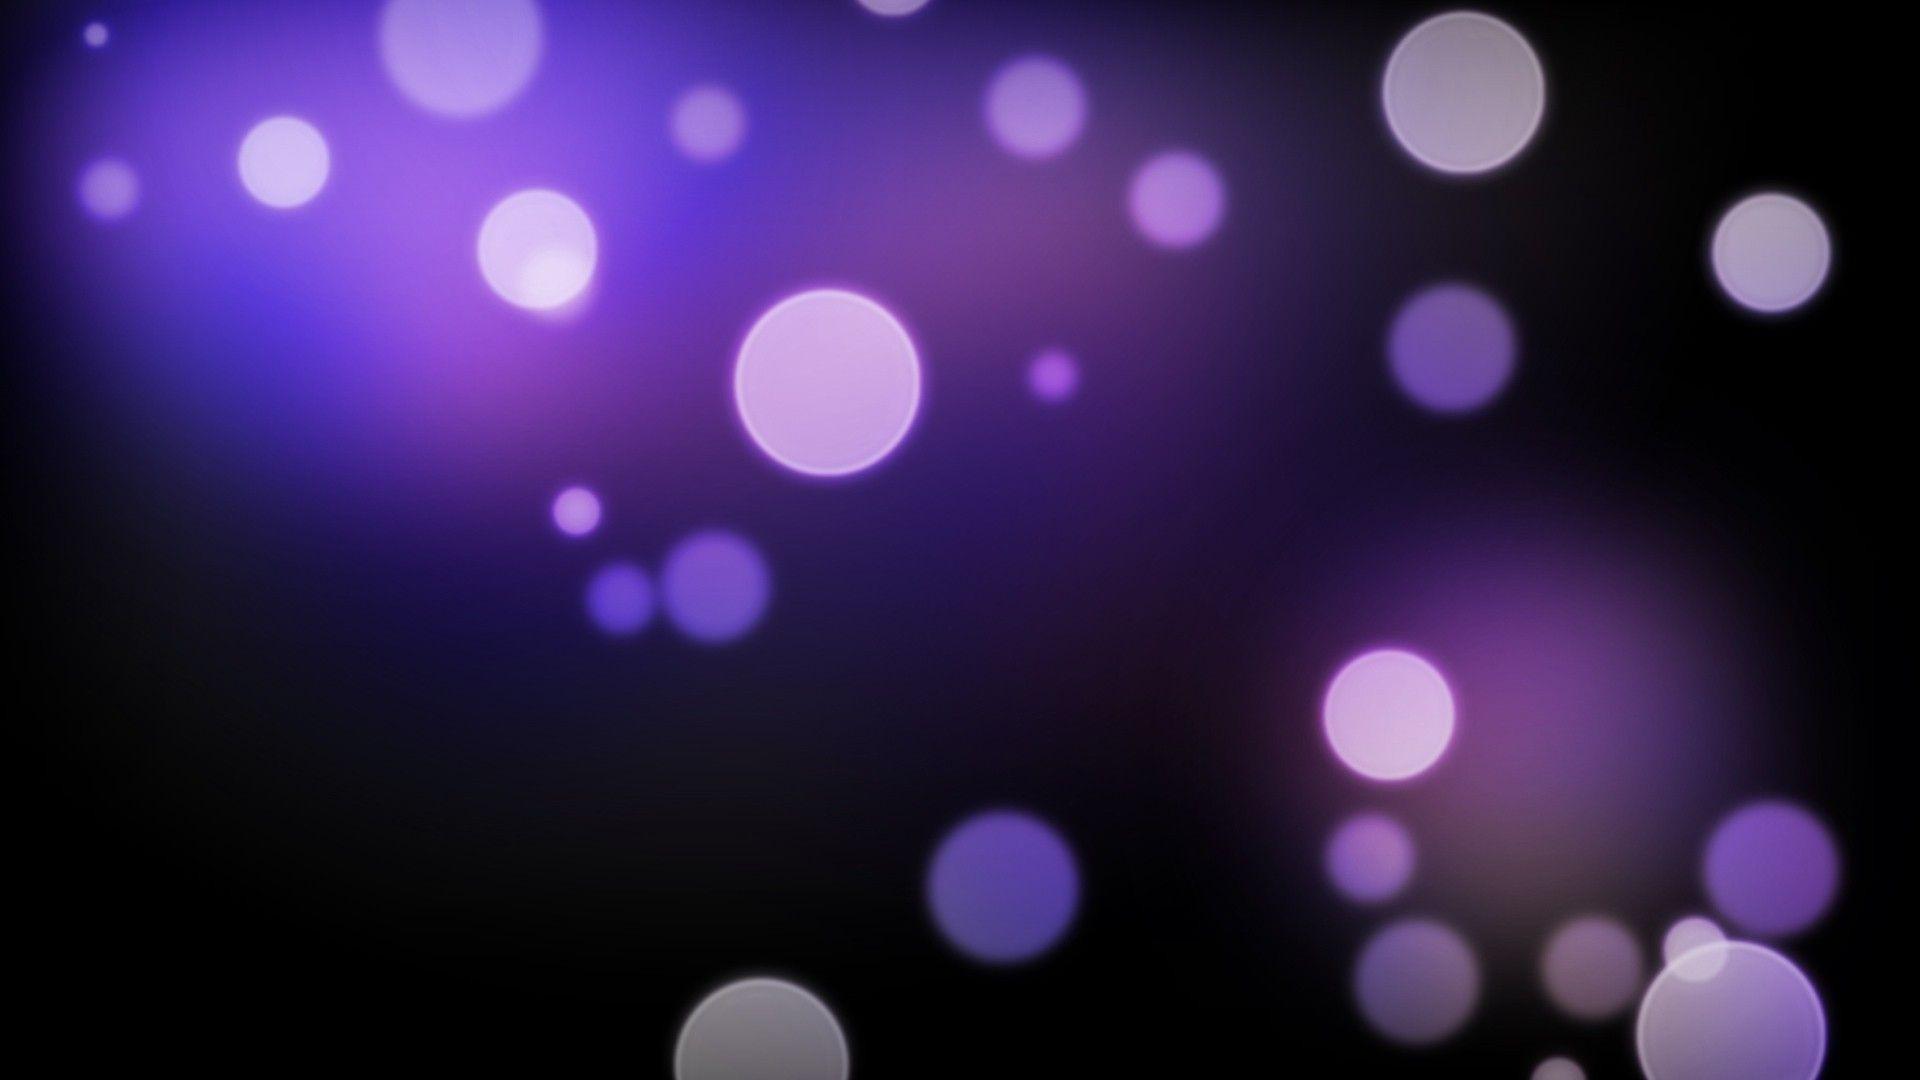 Dark Purple Background, wallpaper, Dark Purple Background hd .